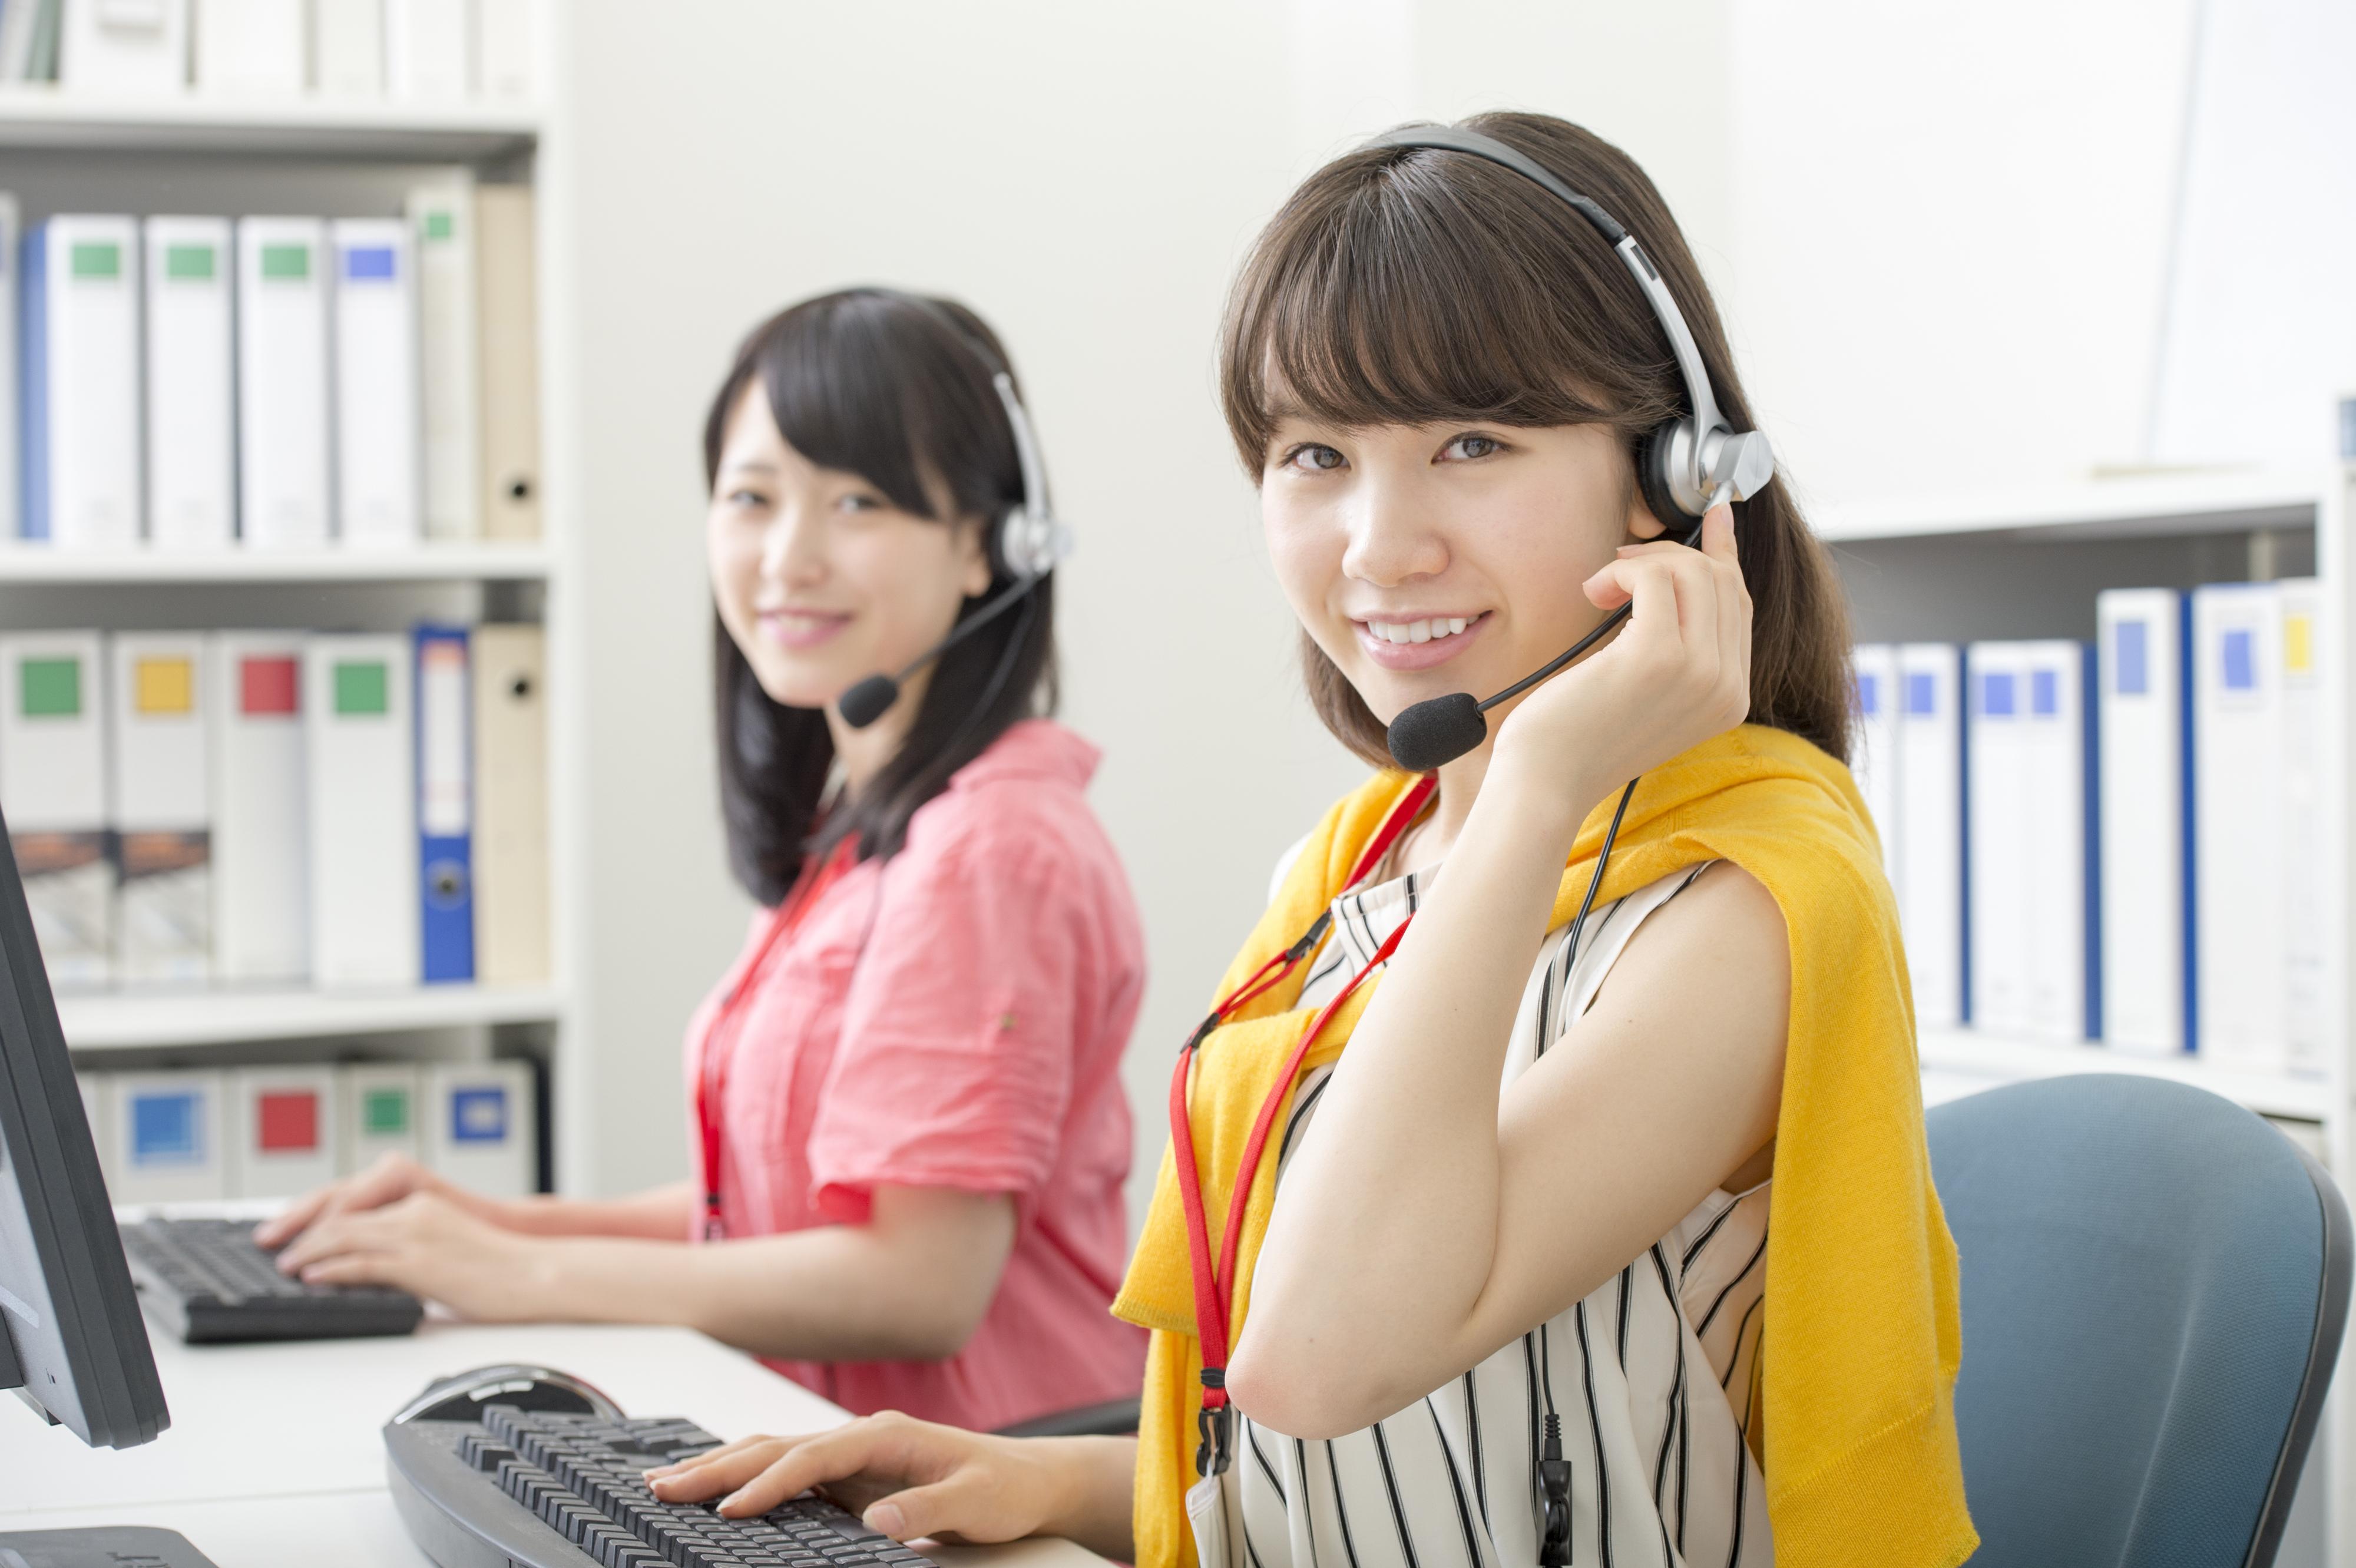 クレジットカード会員顧客からの電話応対